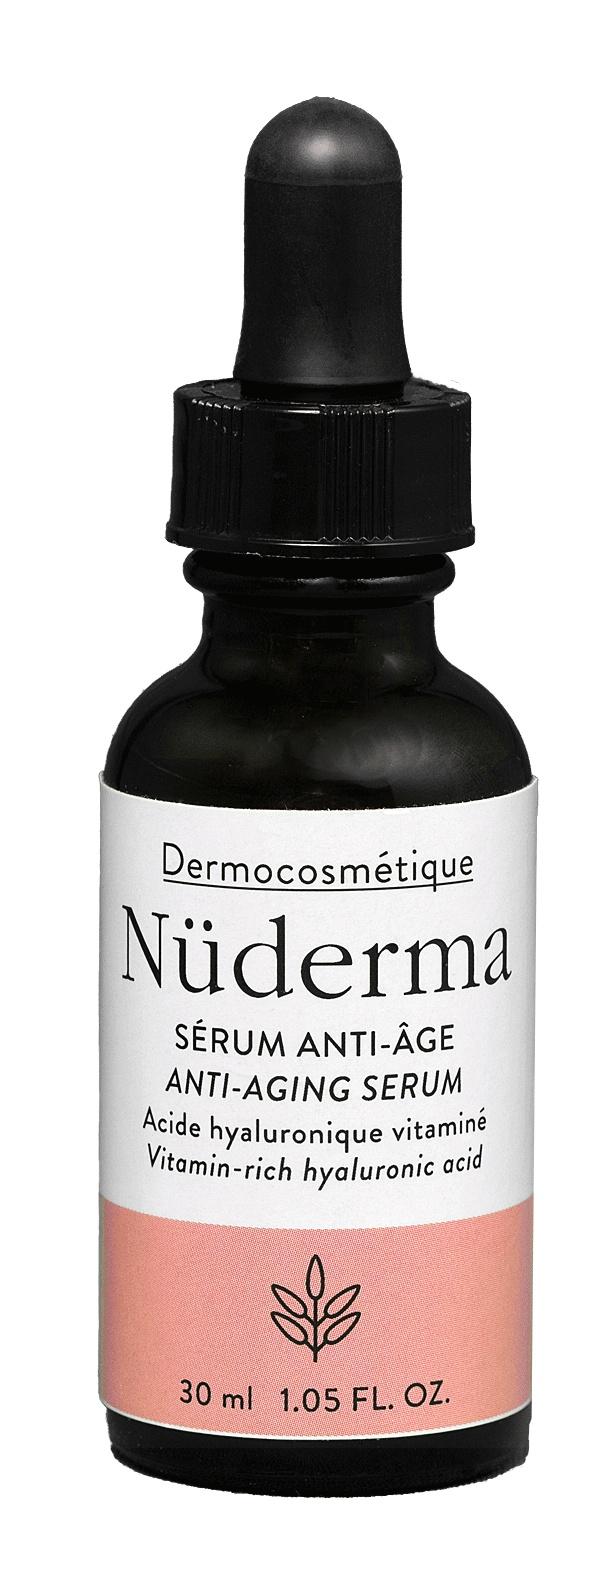 NÜDERMA COSMÉTIQUE Anti-Aging Serum